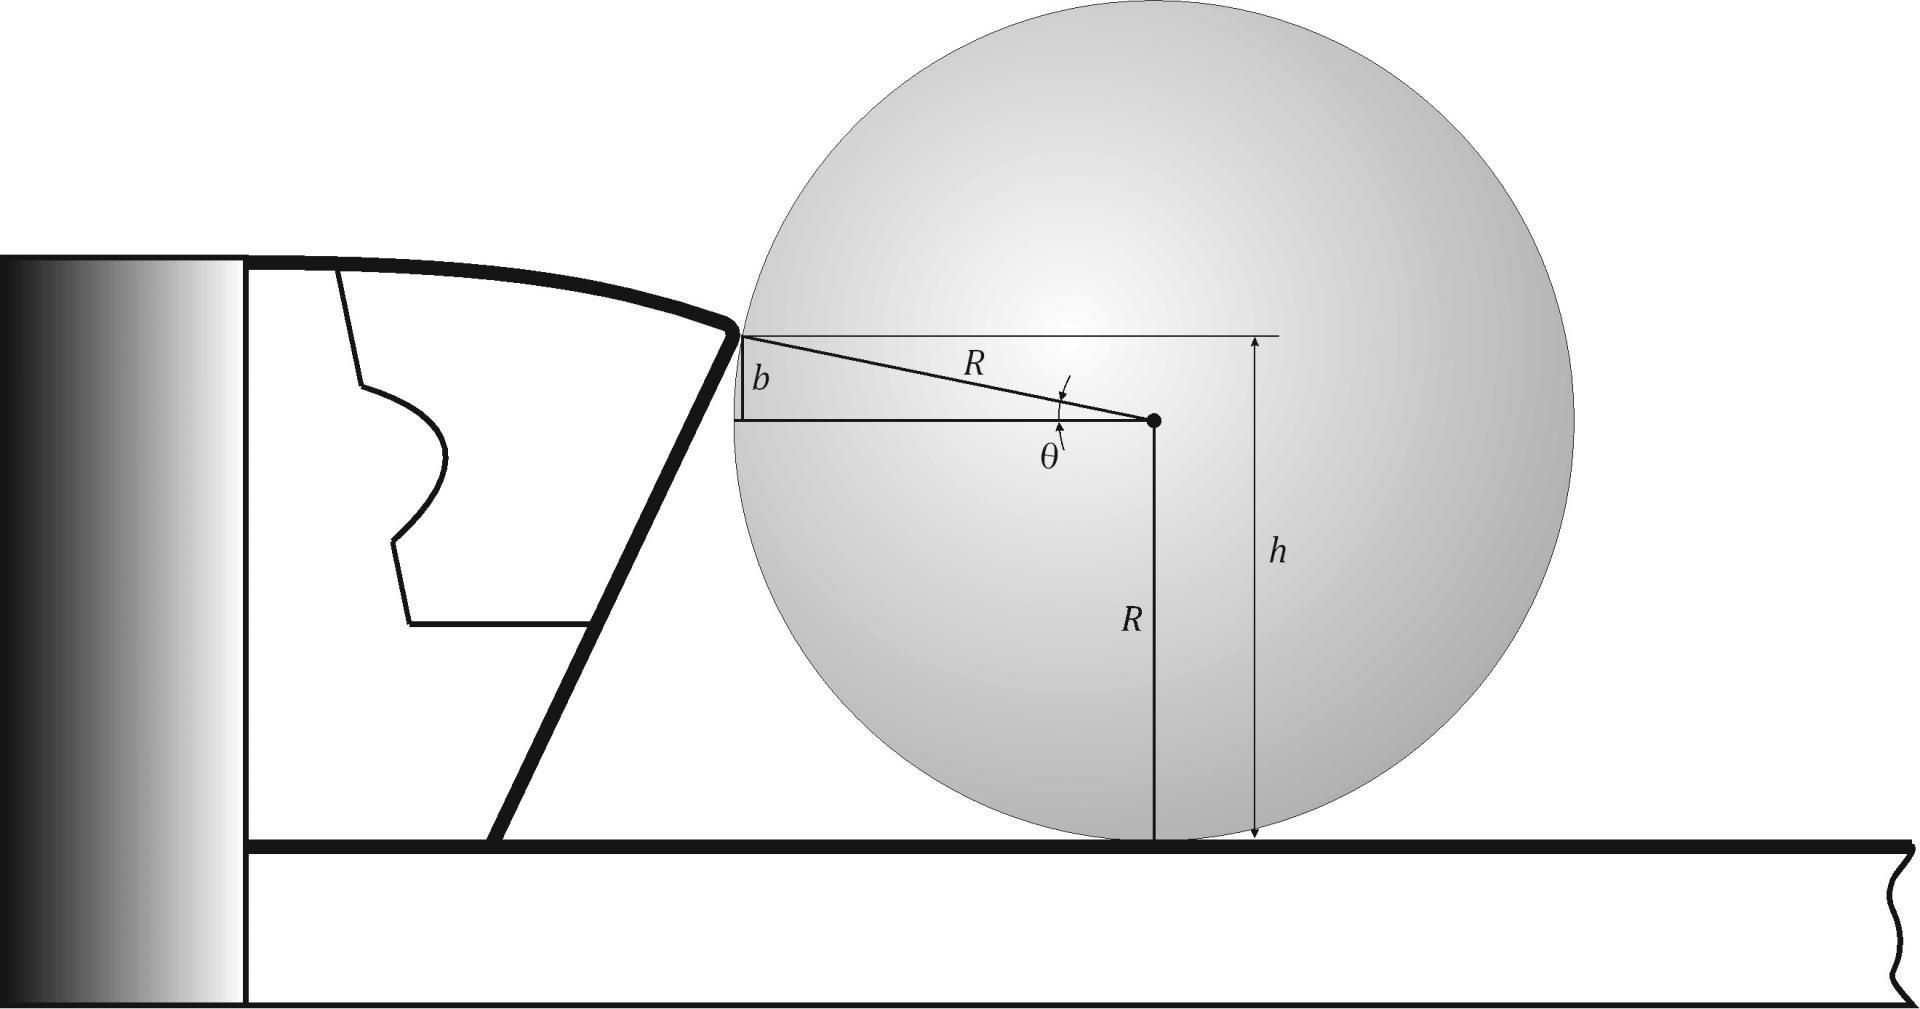 Бильярдный стол своими руками размеры фото 119